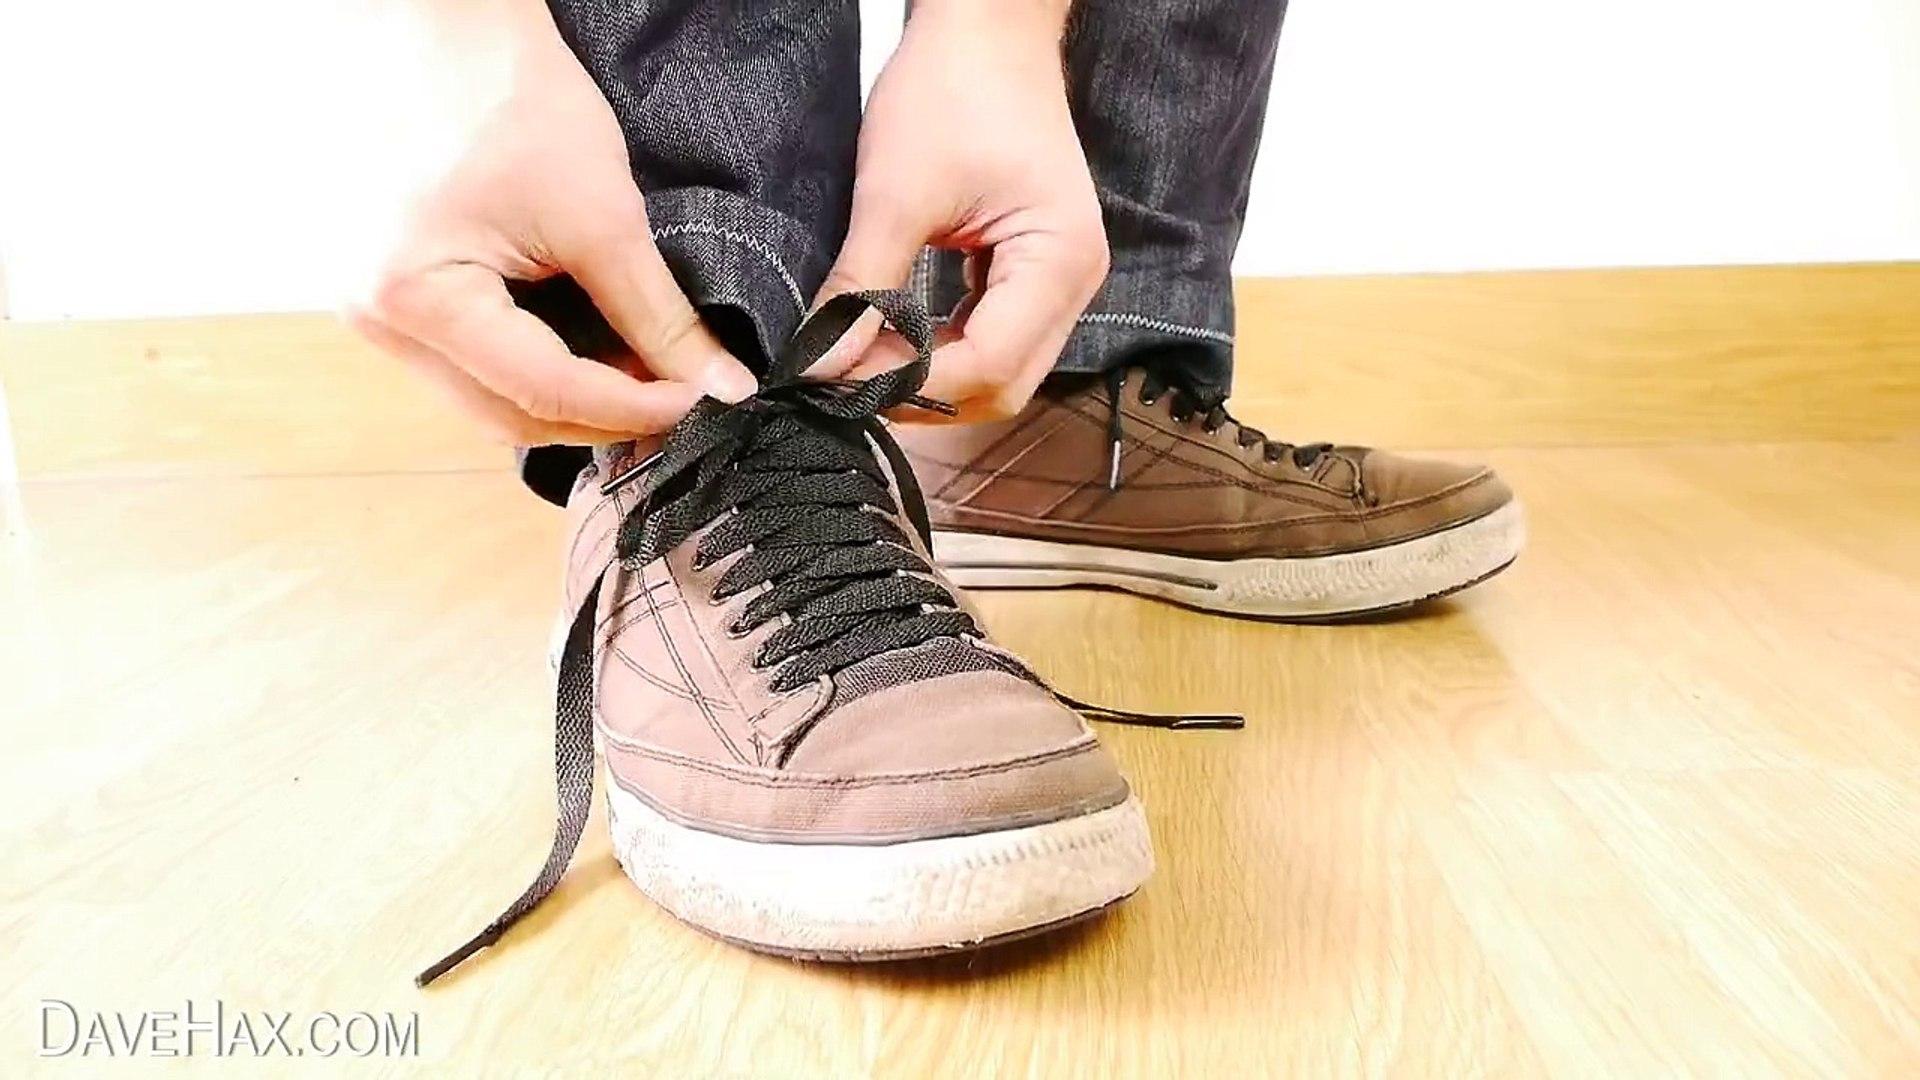 Tie your shoe laces magic trick